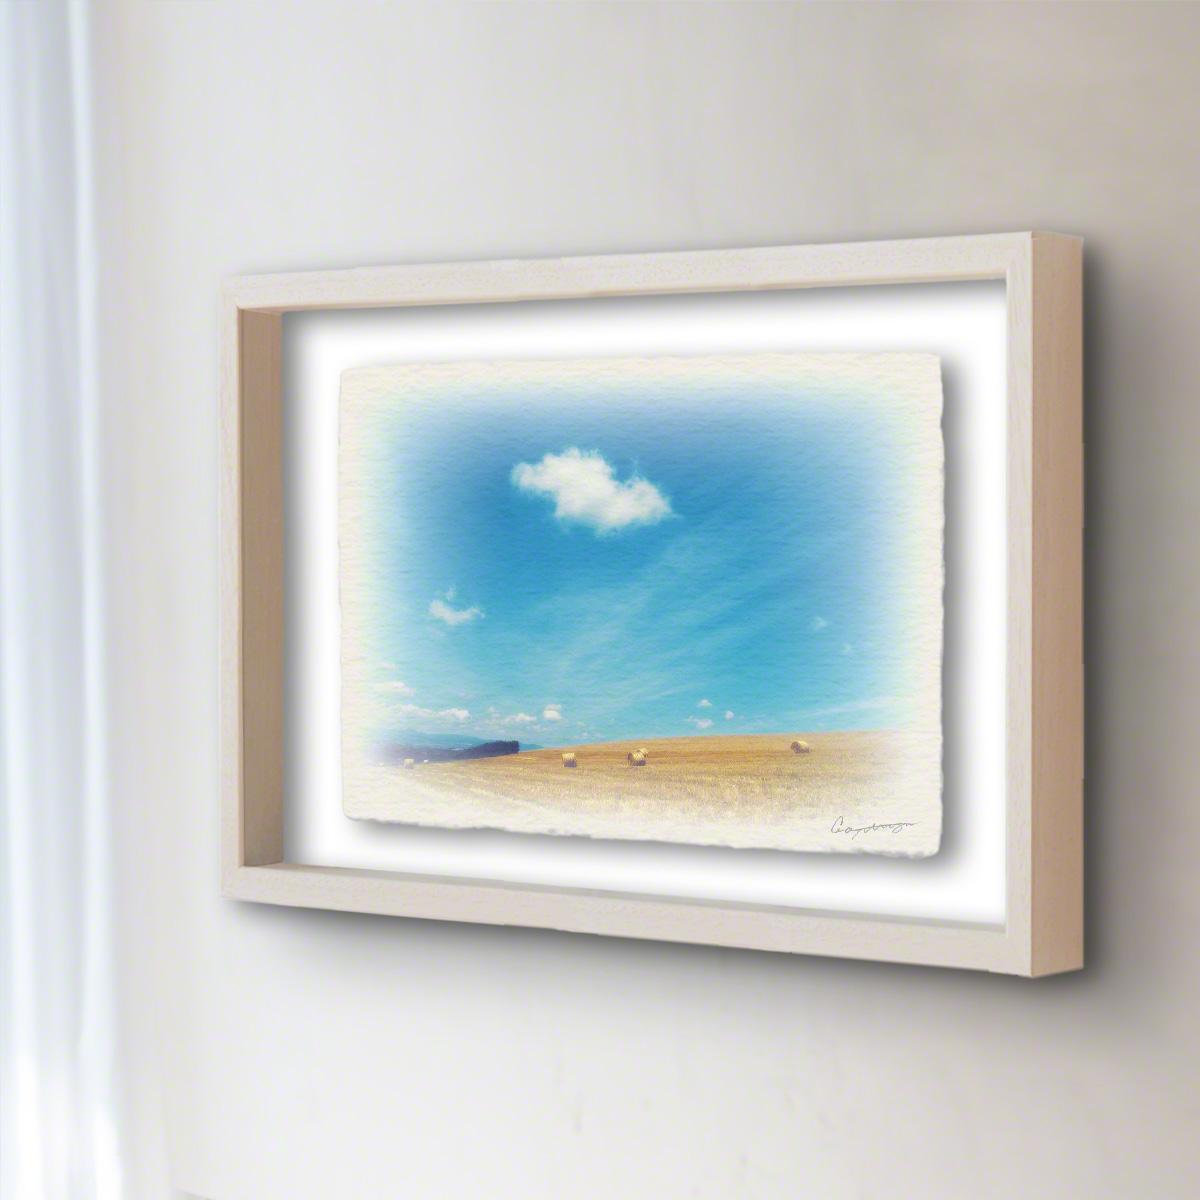 和紙 手作り アートフレーム 「牧草ロールの丘と青空に浮かぶ雲」(40x30cm) 絵画 絵 ポスター 壁掛け モダン アート 和風 オリジナル インテリア 風景画 ランキング おすすめ おしゃれ 人気 キッチン リビング ダイニング 玄関 和室